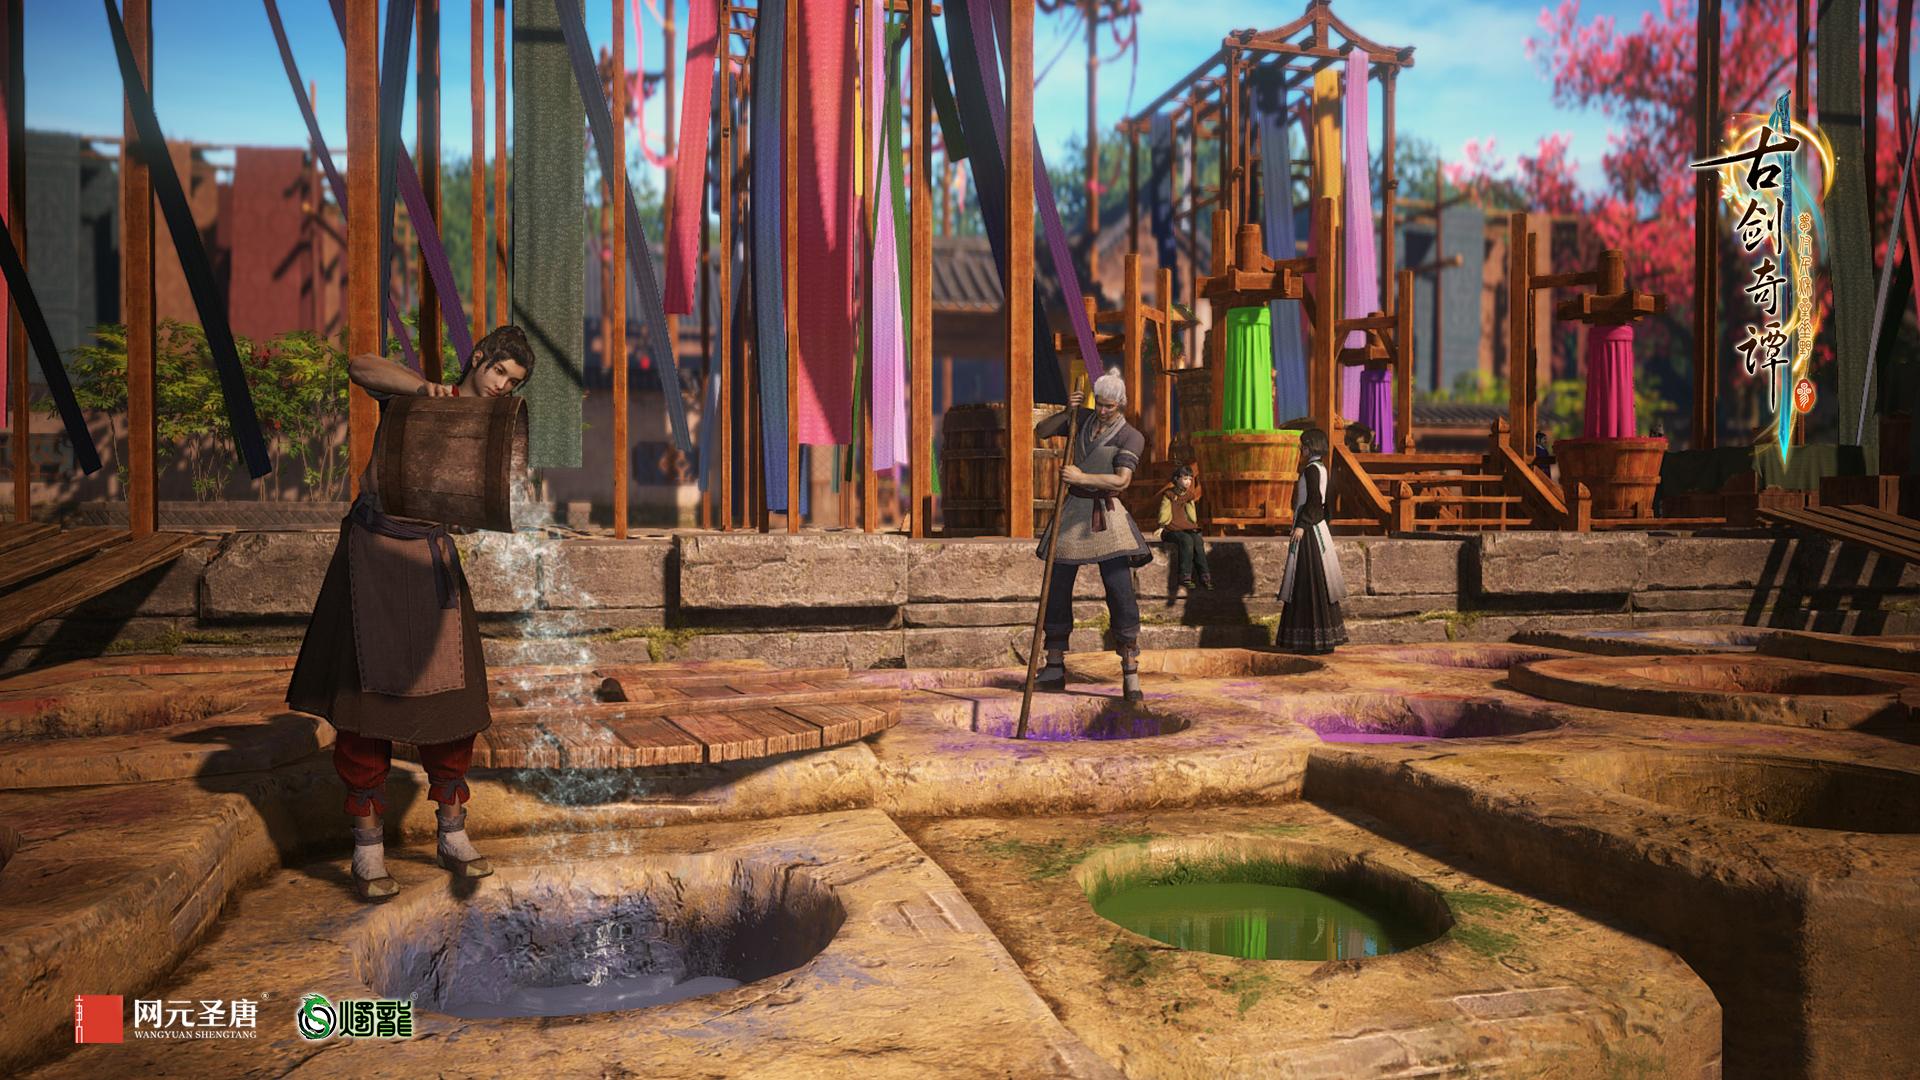 《古剑奇谭三》今日开启游戏预下载 最新游戏精彩视频曝光